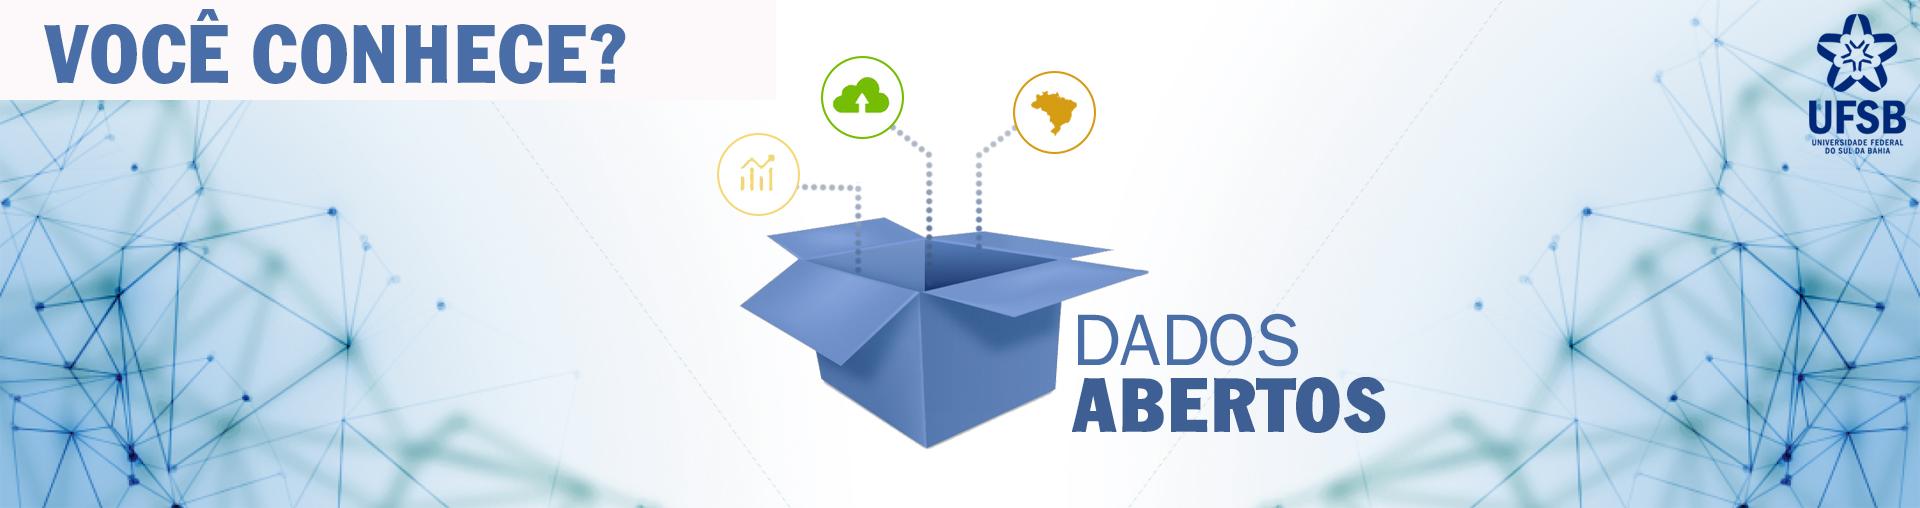 Dados Abertos: Você conhece?